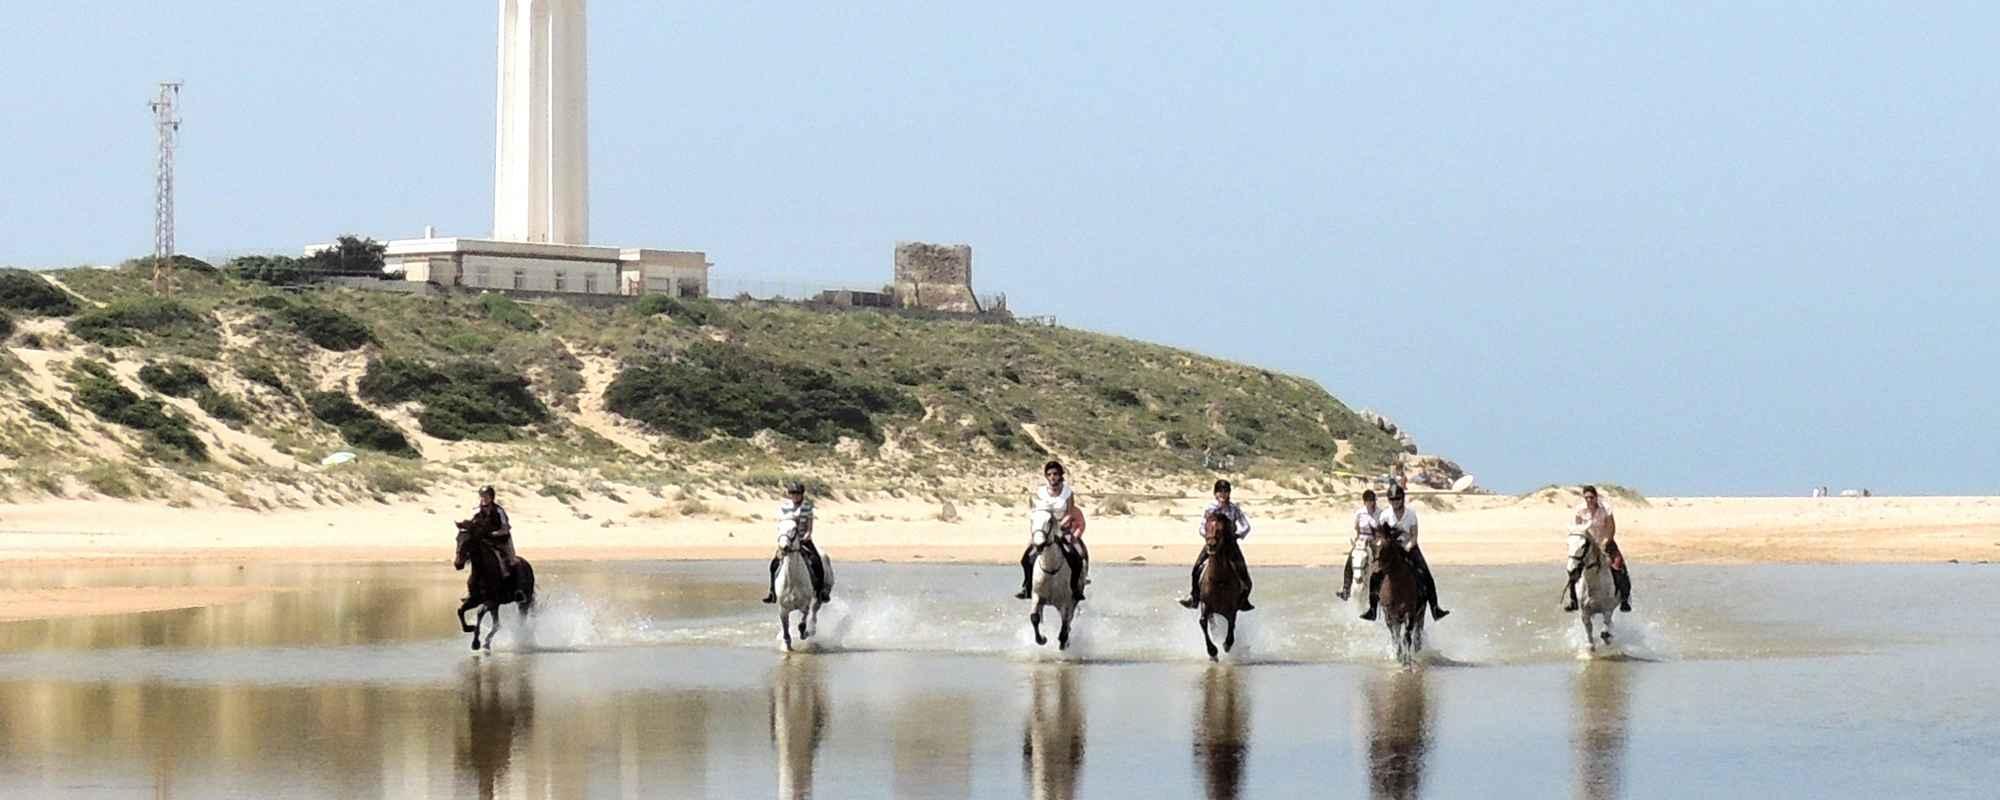 Horse riding holidays on the unspoilt Costa de la Luz.